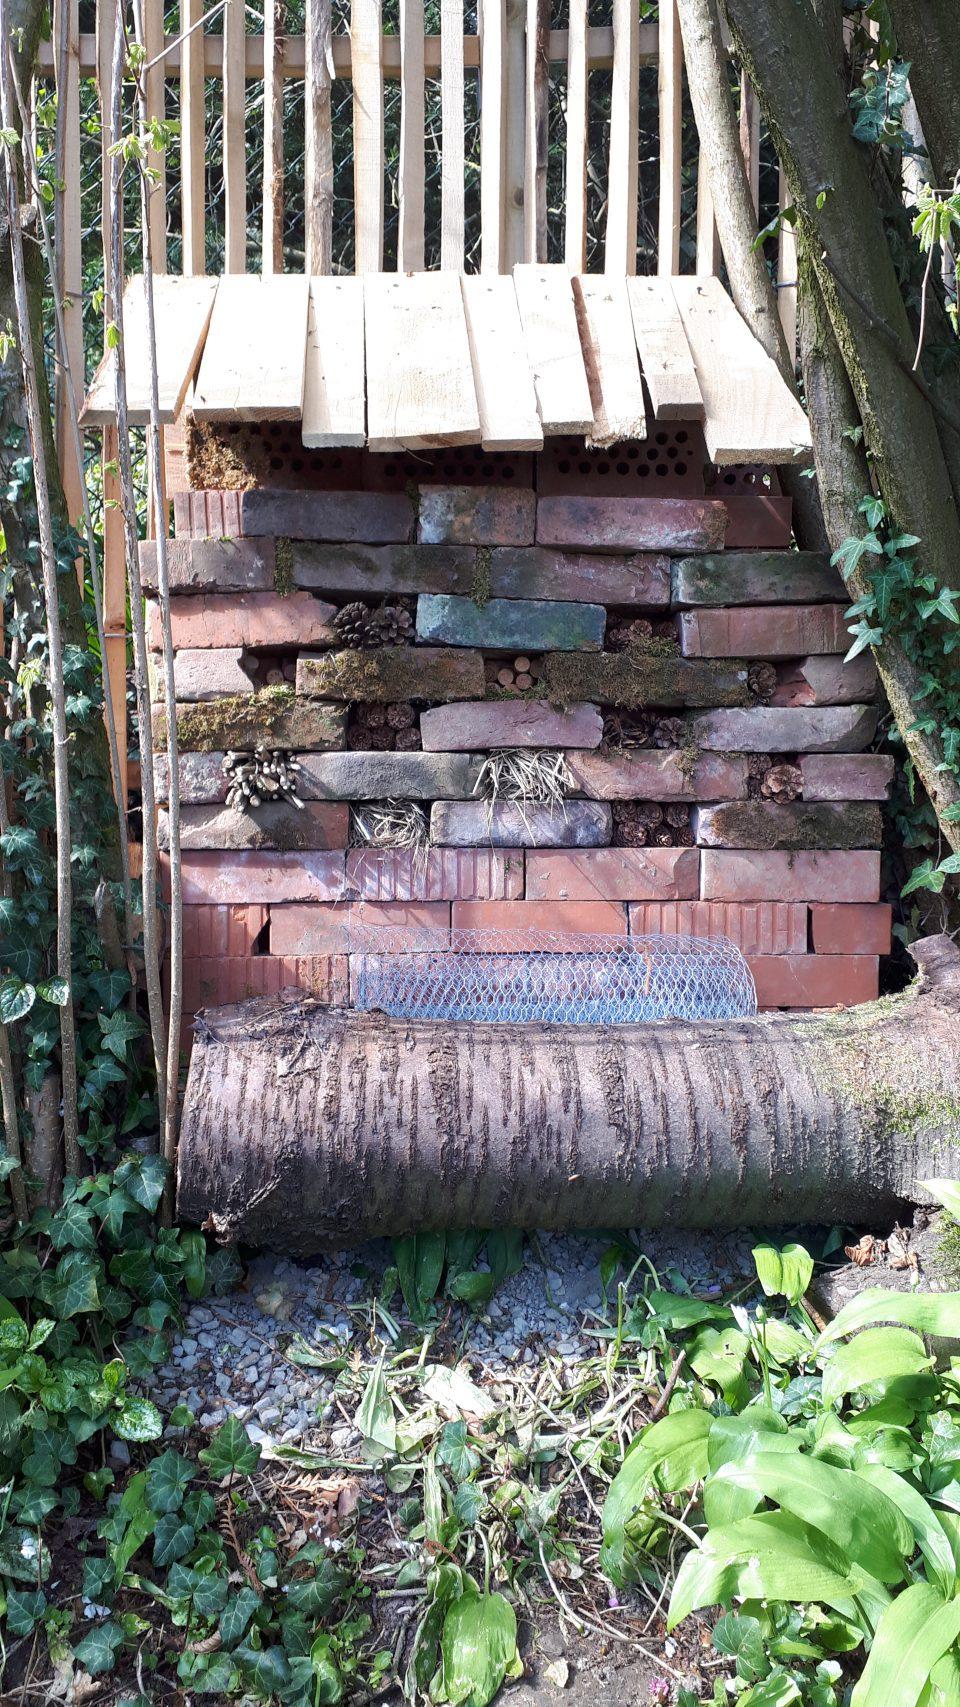 Das Insektenhotel aus alten Backsteinen selbst gebaut.